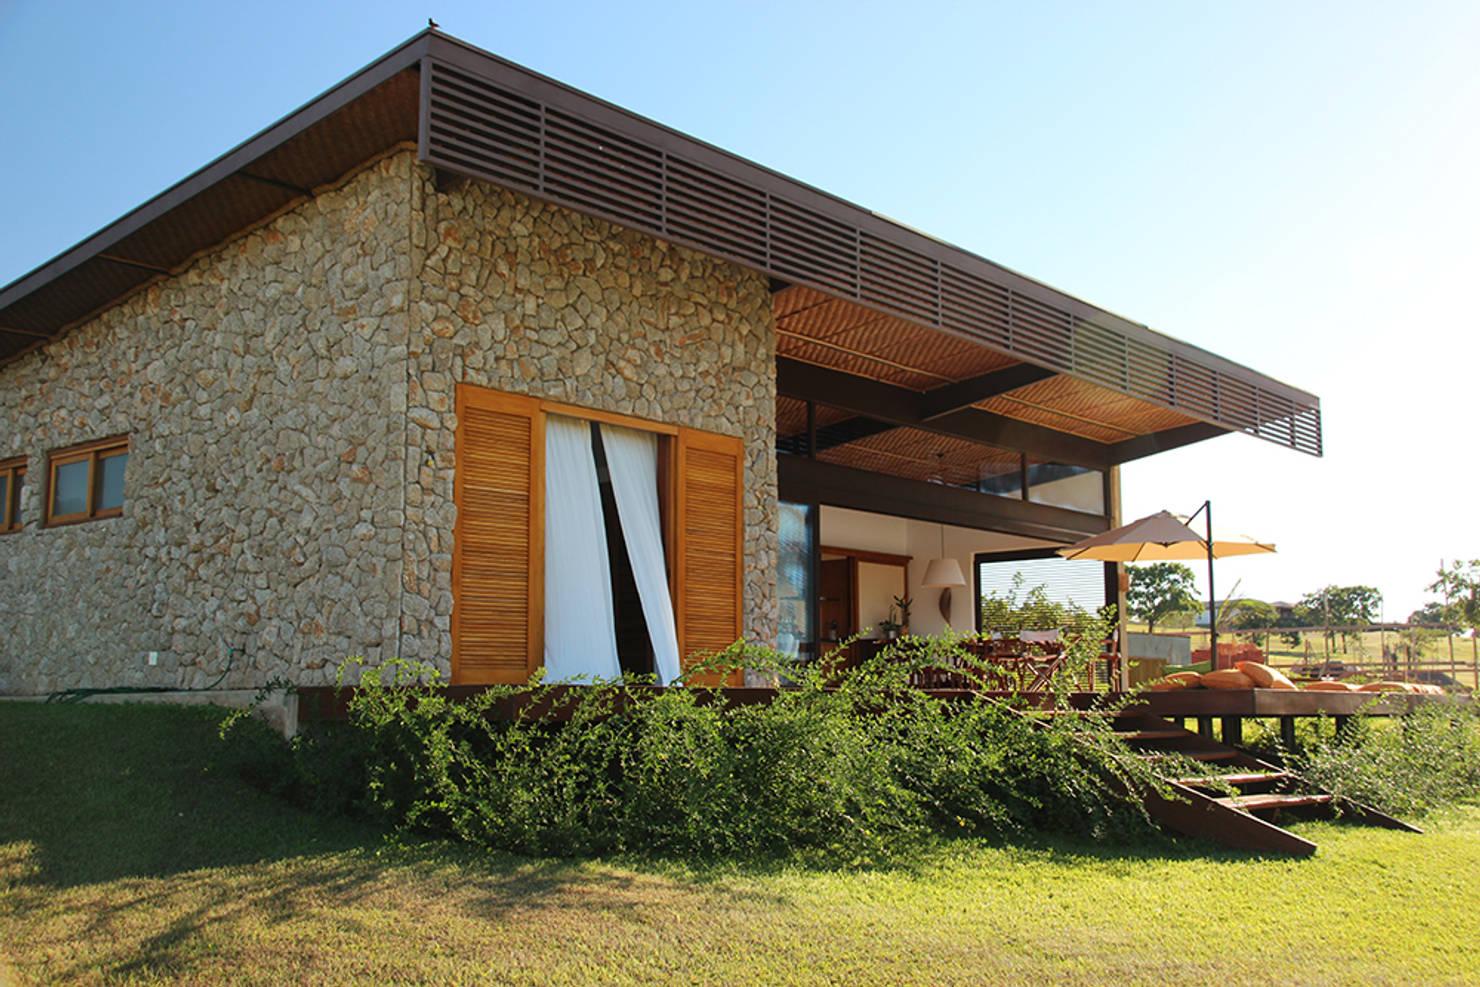 Casa modernas: 8 exemplos para desenhar uma fachada original